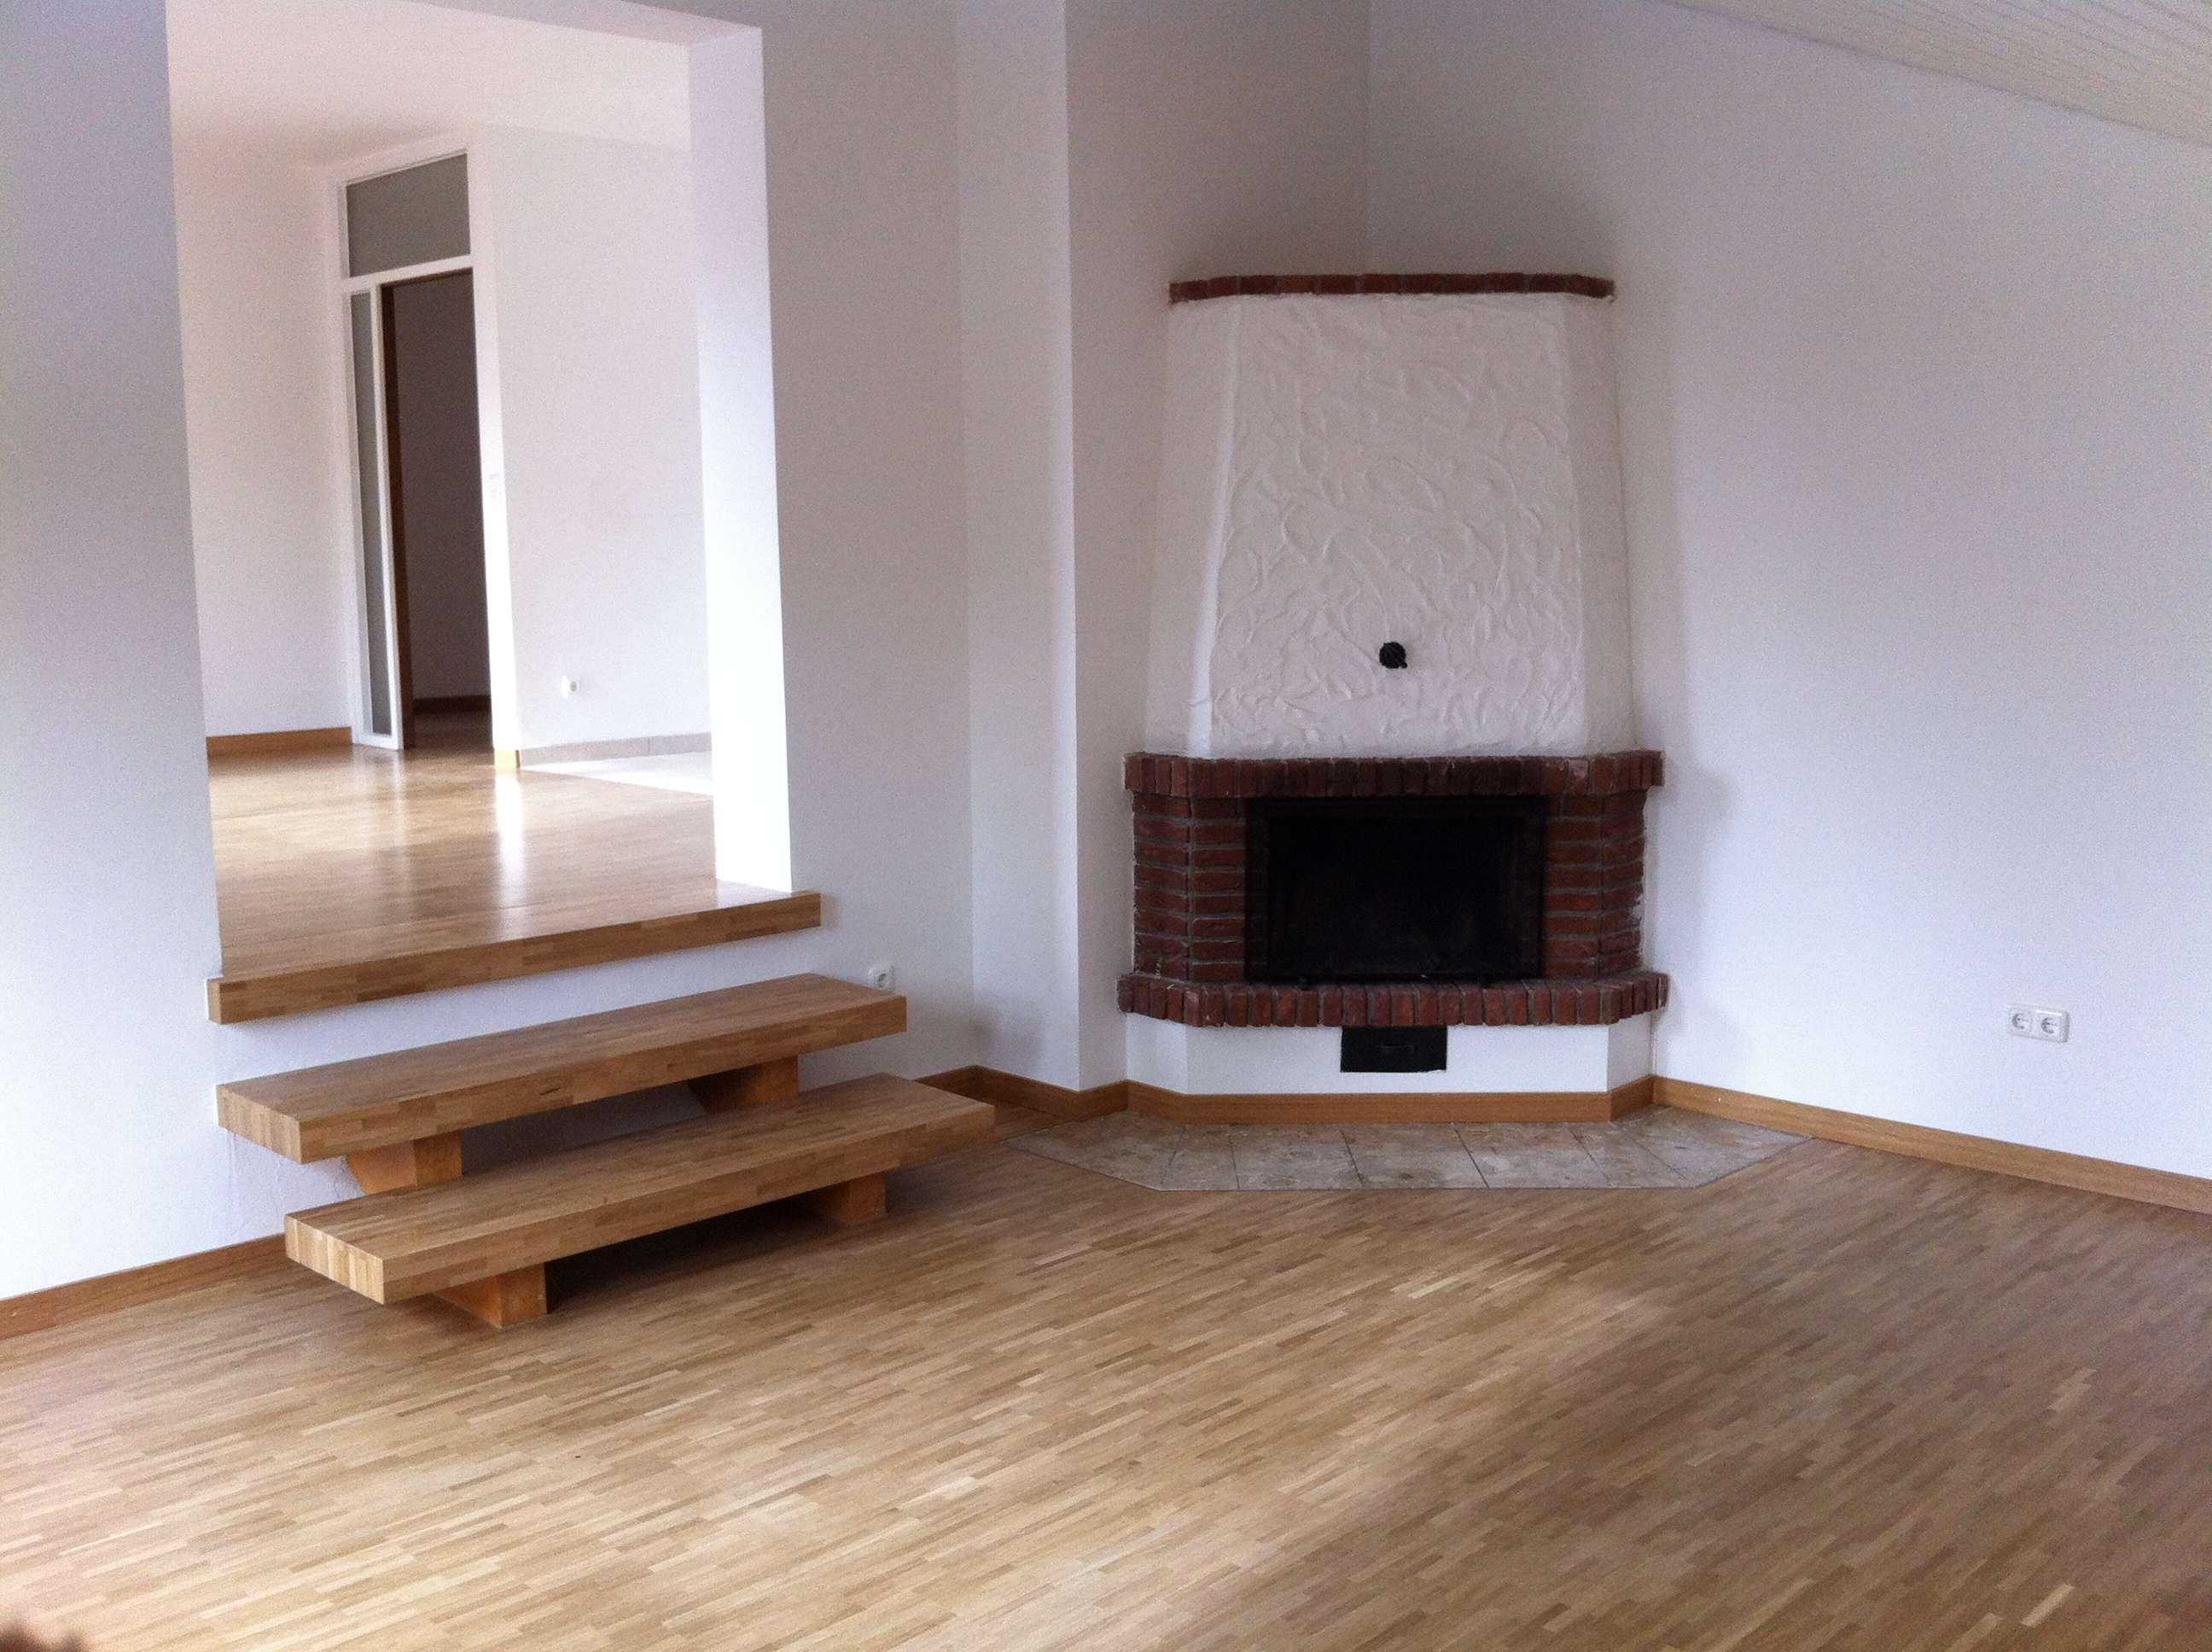 Exklusive 3-Zi-Wohnung mit Hobbyraum, offenem Kamin u. Balkon in Krailling in Krailling (Starnberg)